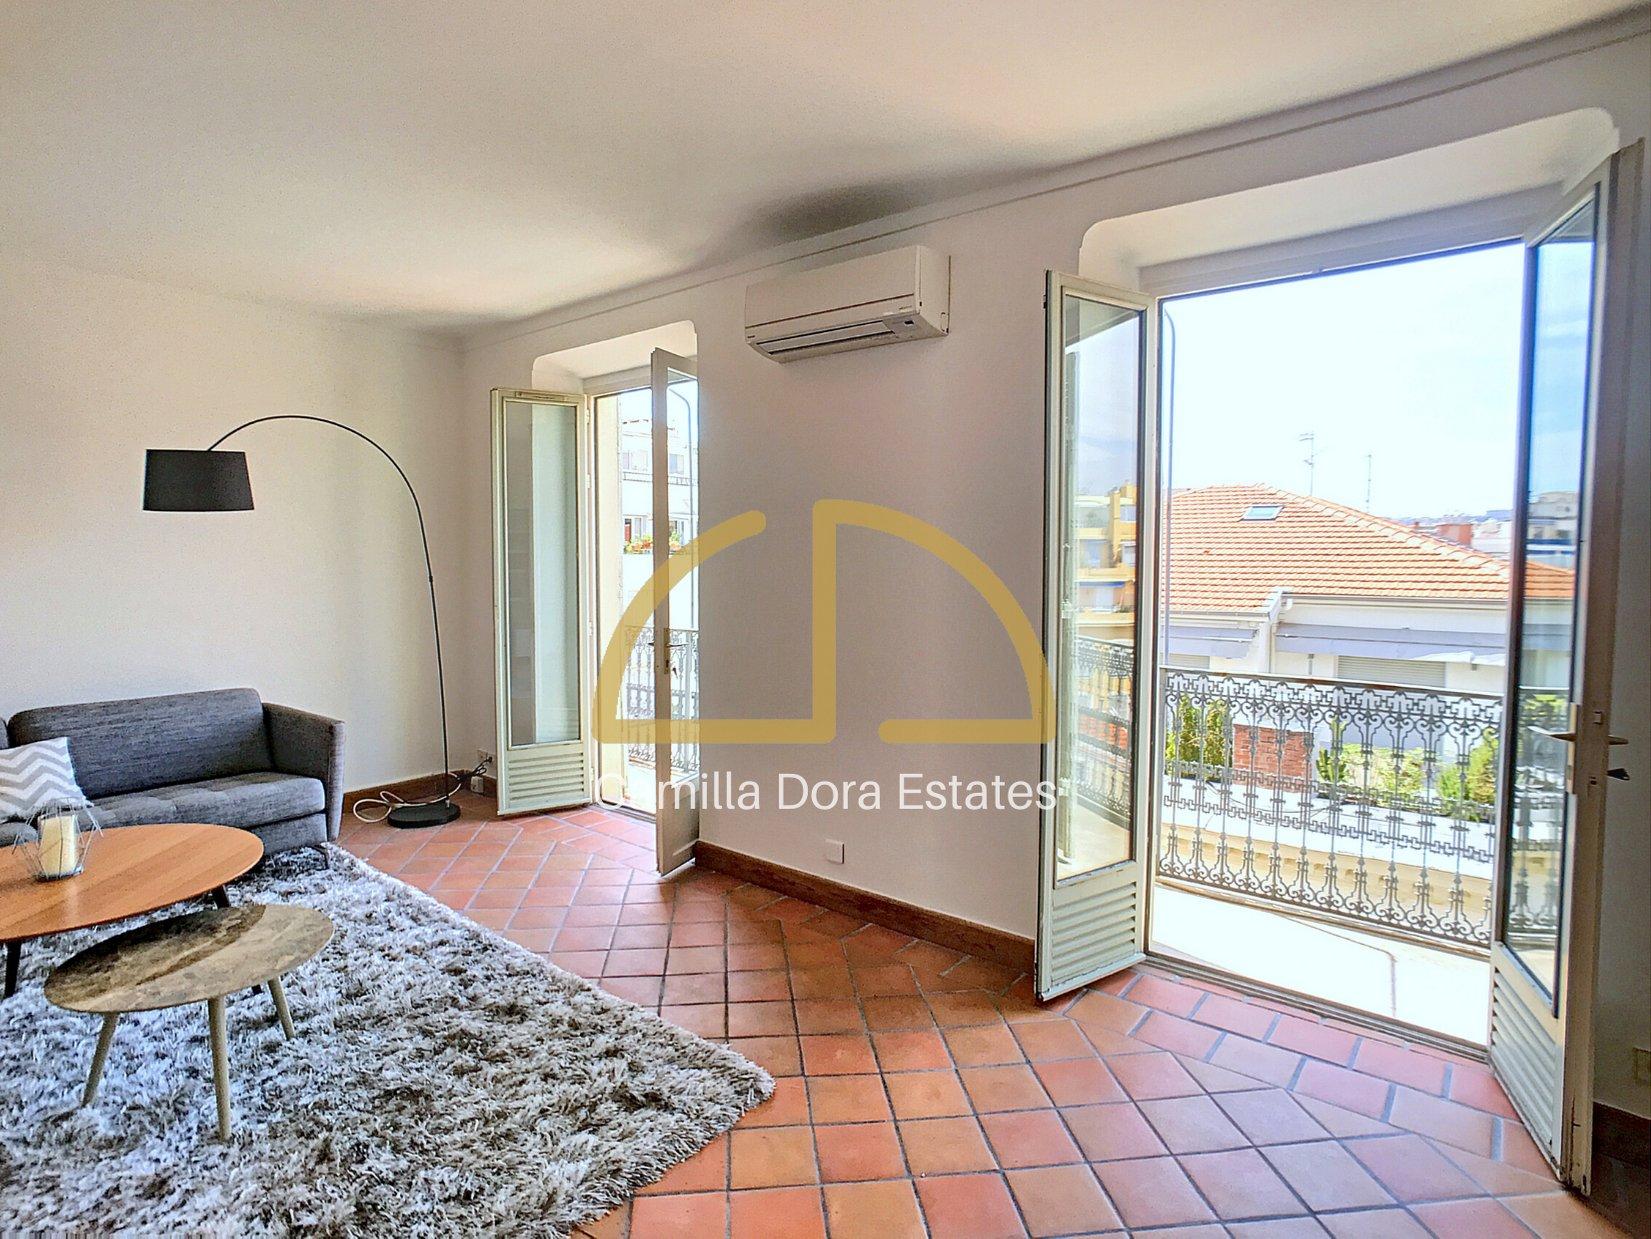 VENTE Appartement 4P 102m² Nice Carré d'Or Dernier Étage Balcon Vue Mer